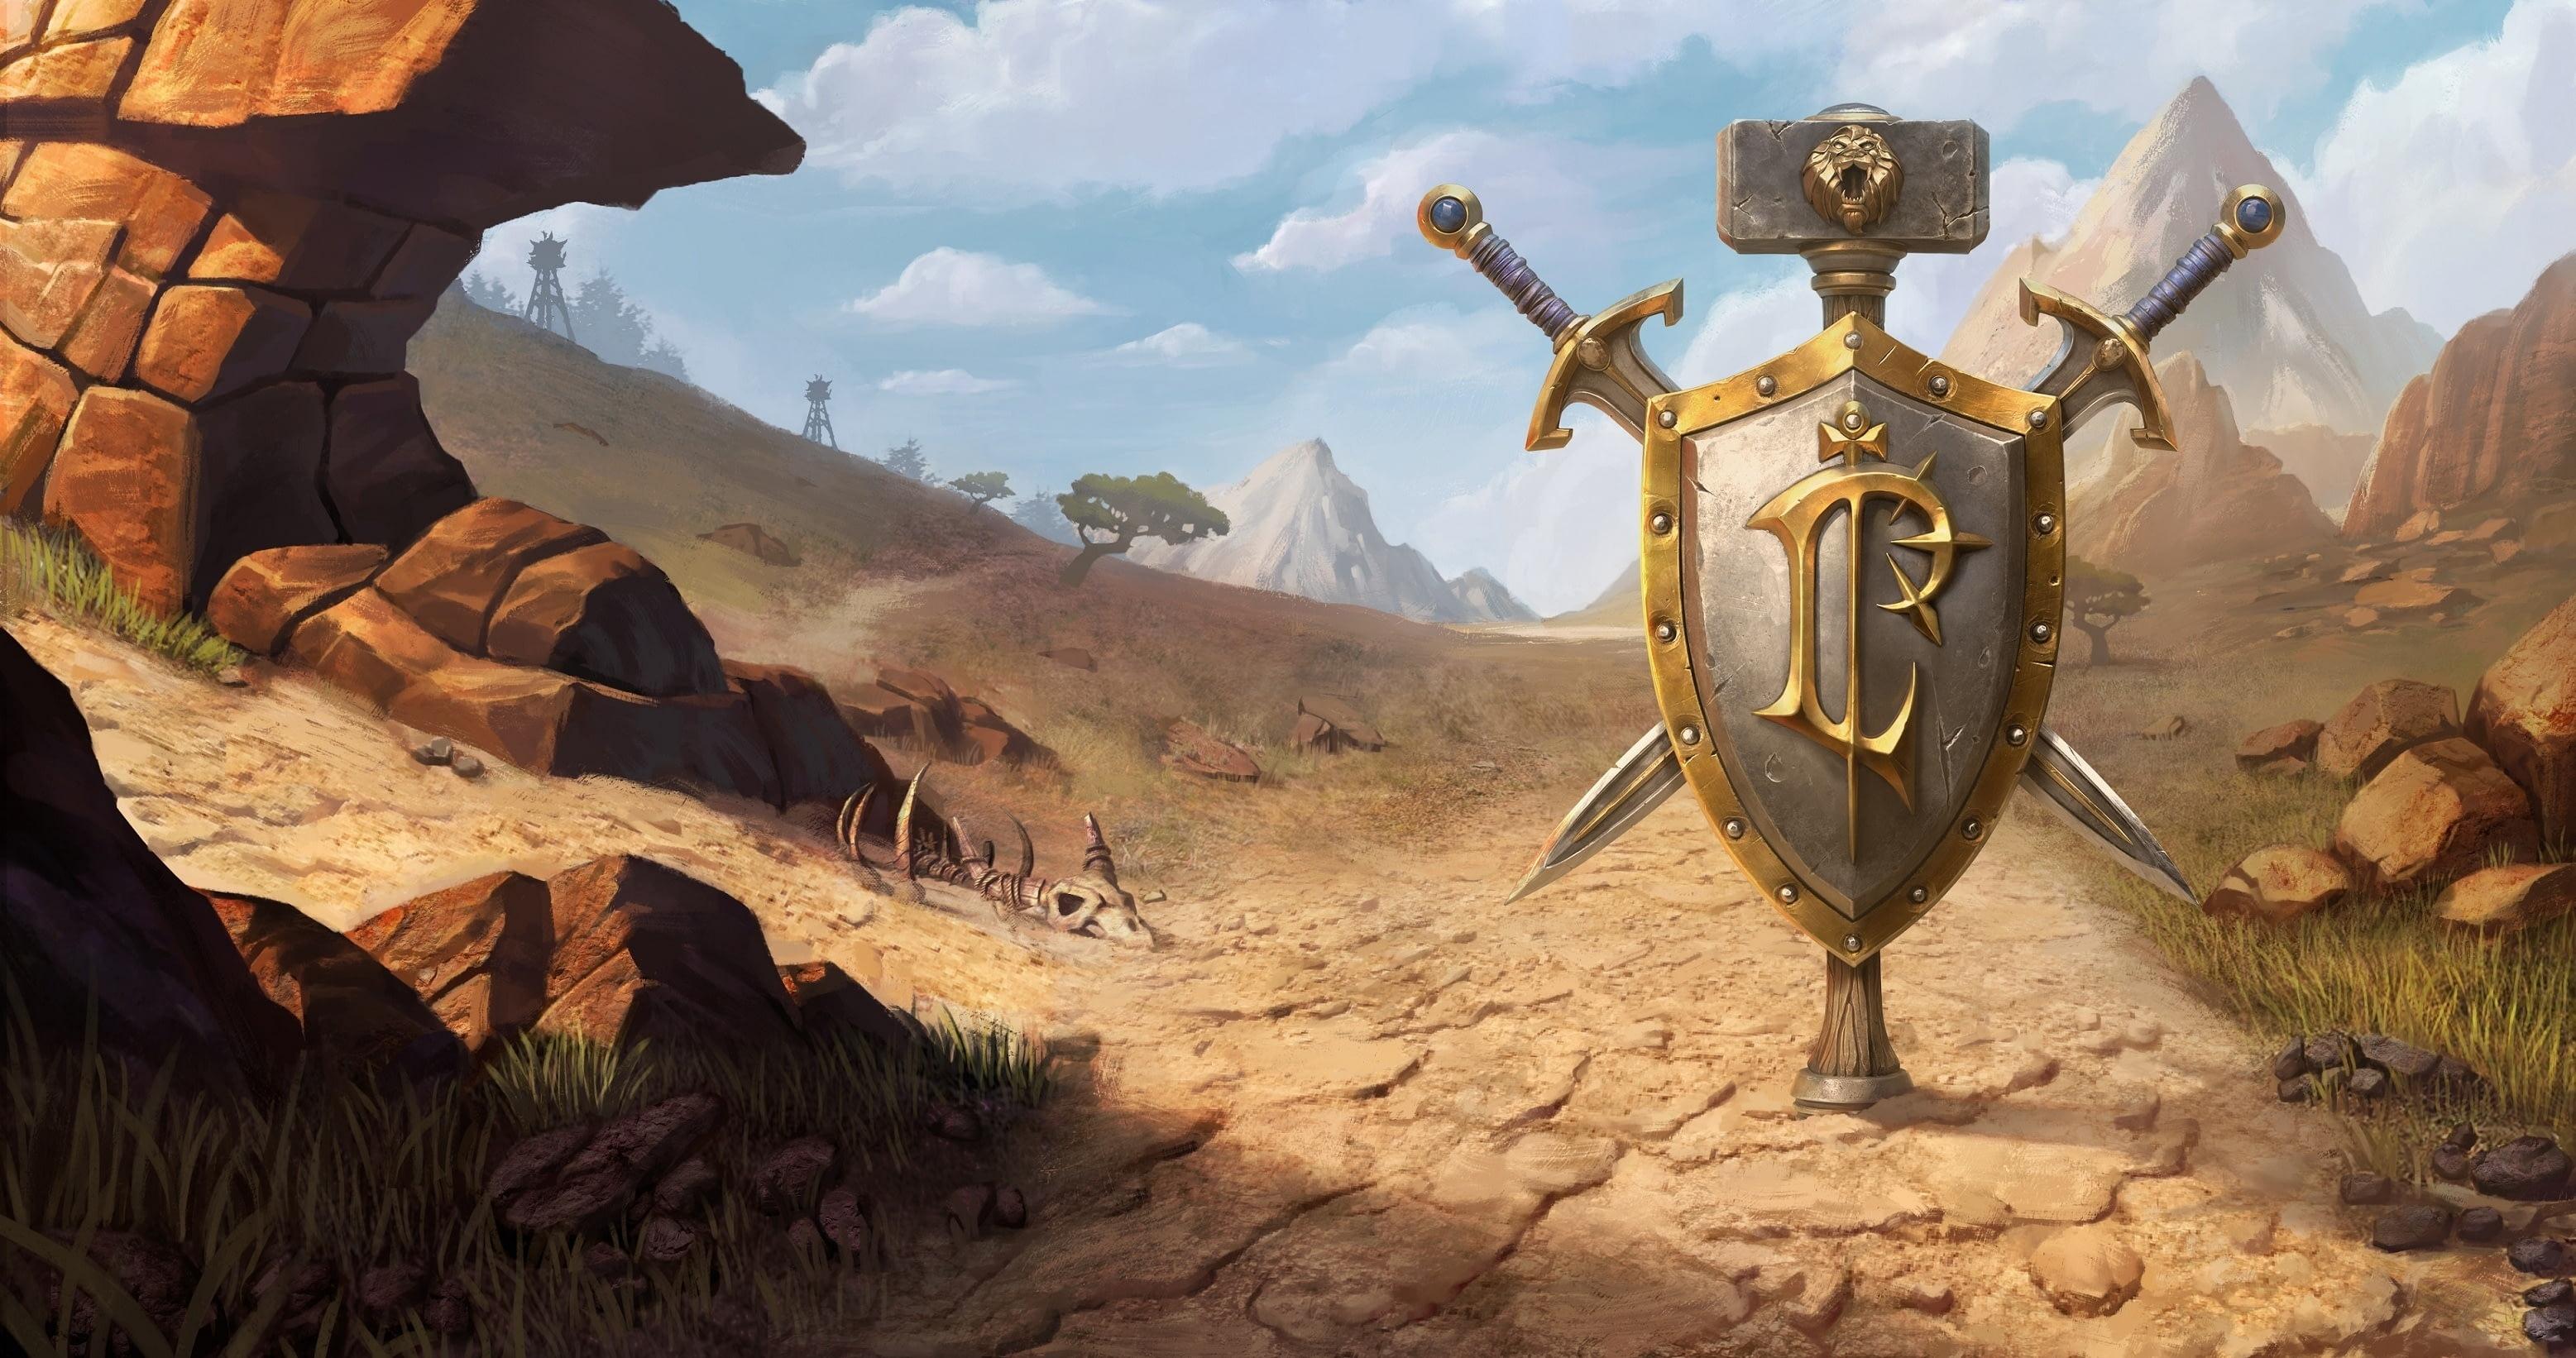 Утечка: обои, меню, интерфейс и иконки Warcraft III: Reforged 11